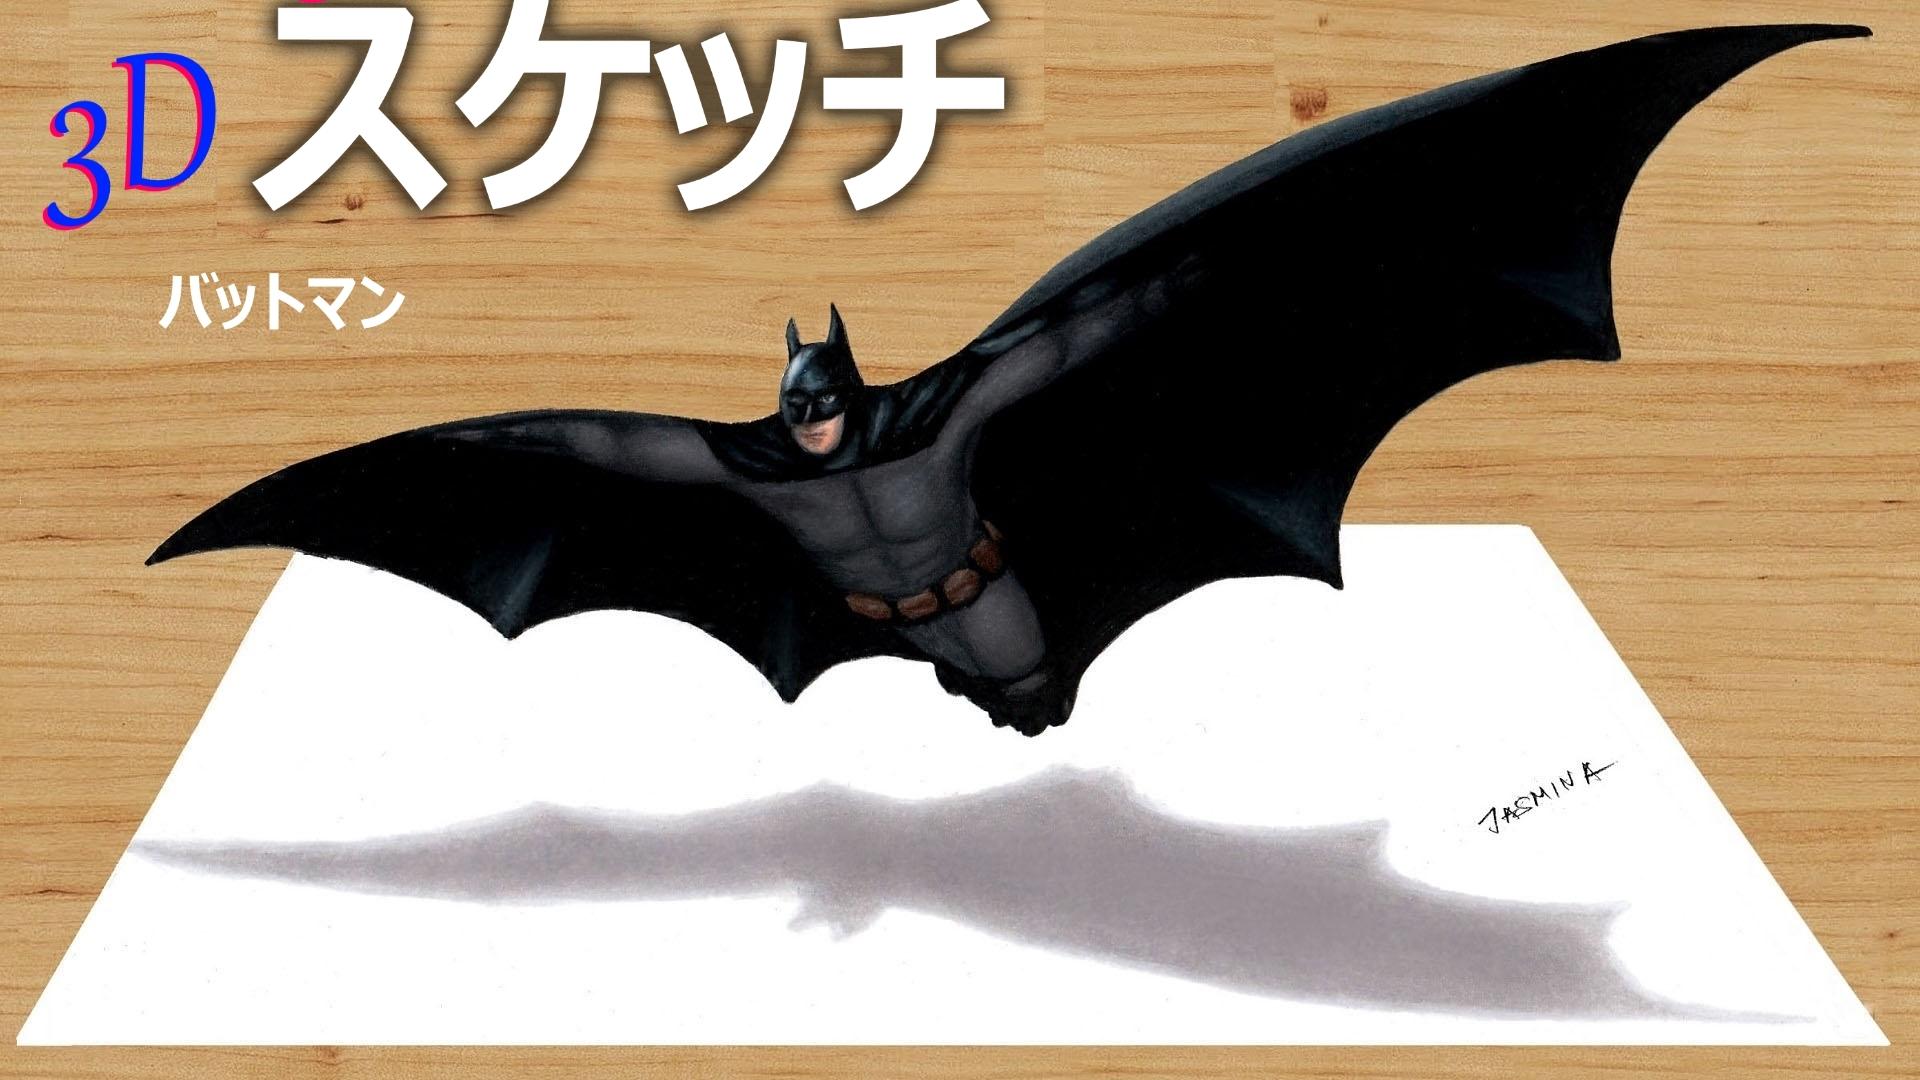 ビデオクリップ: 3D スケッチ バットマン